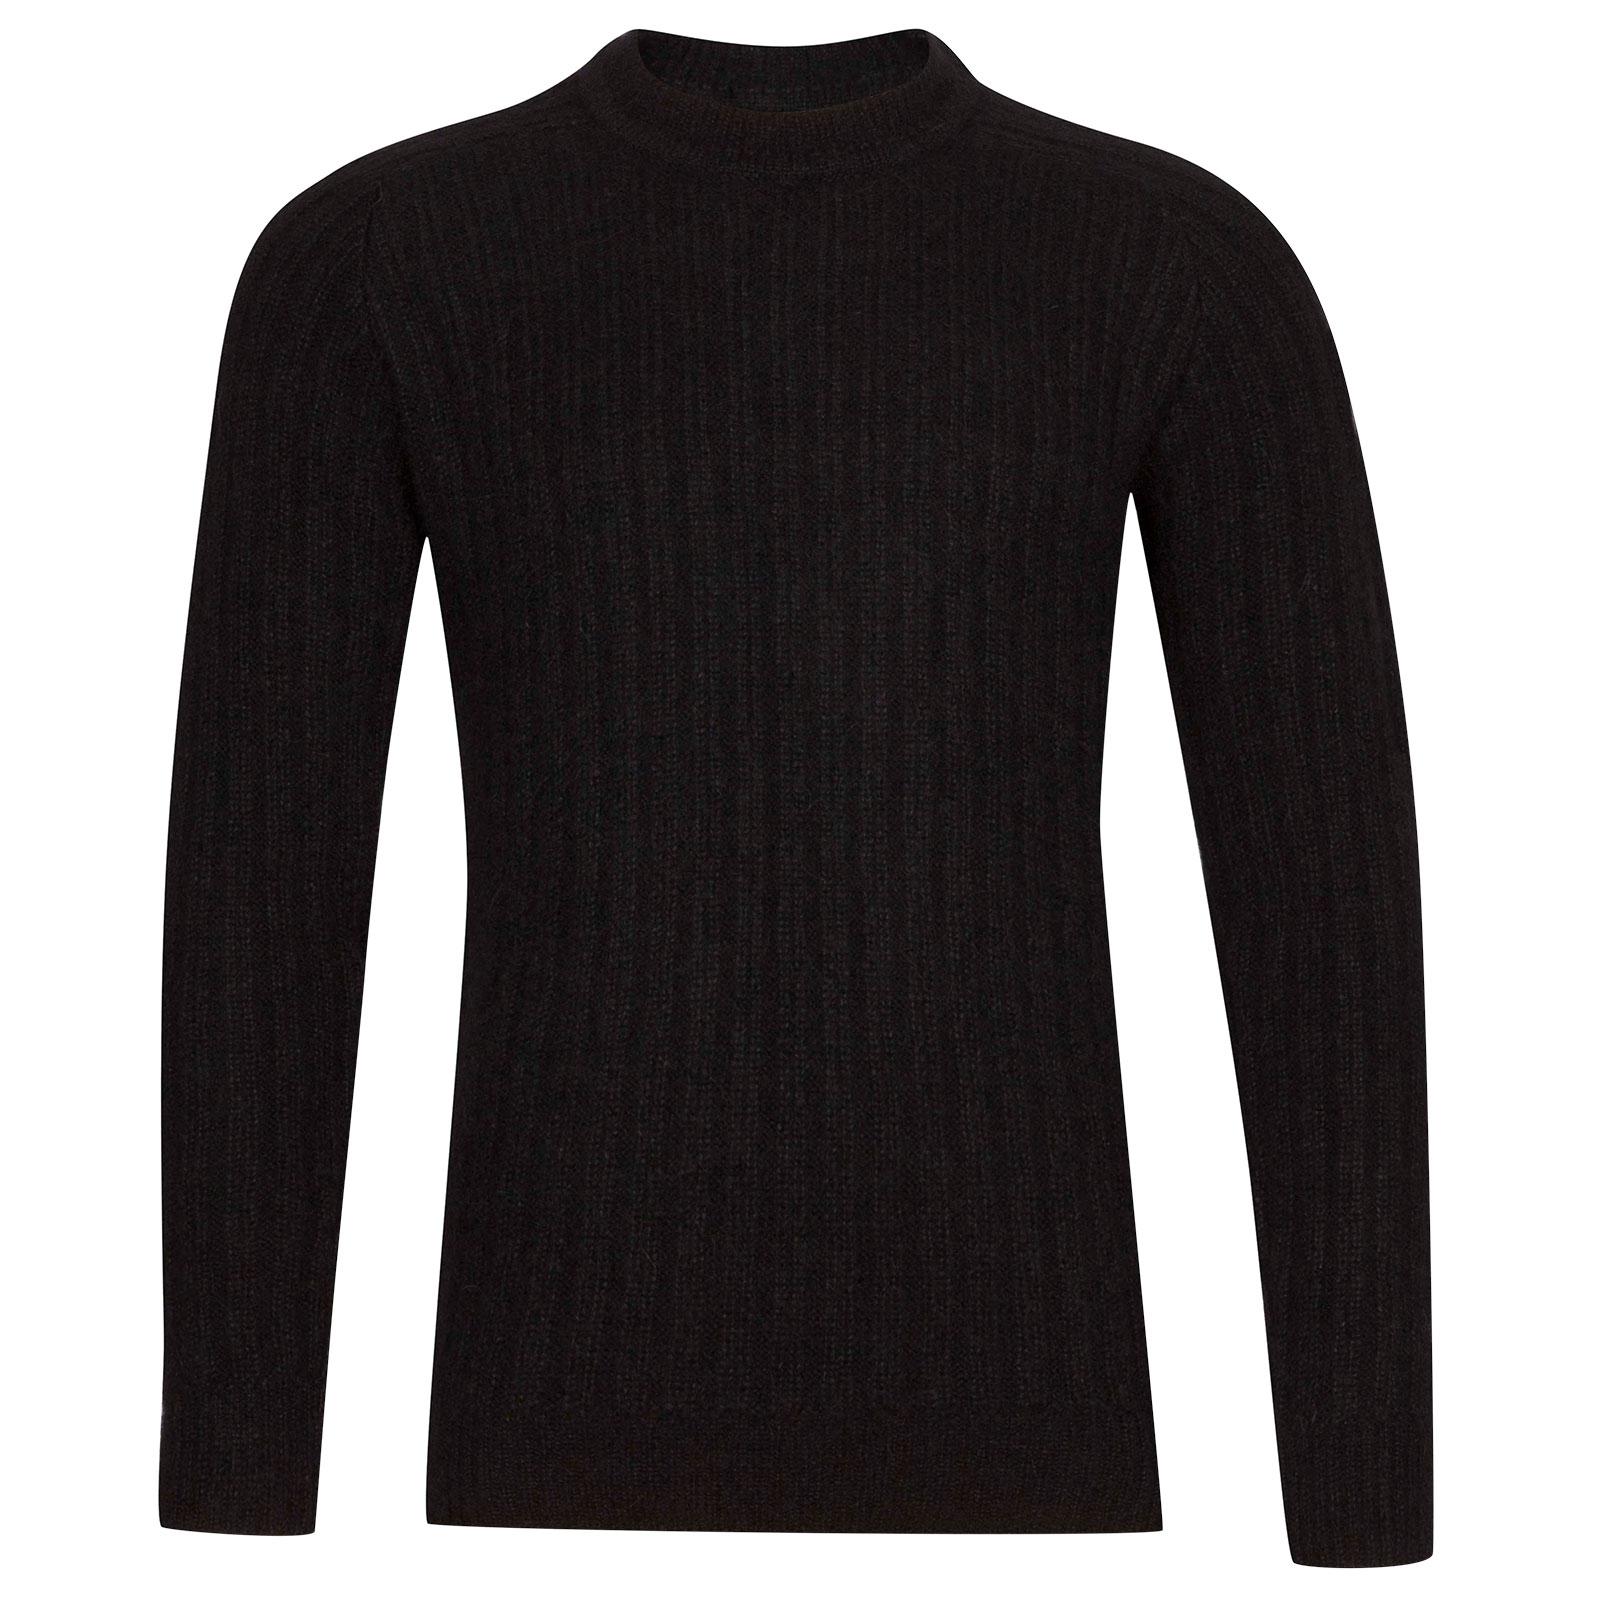 John Smedley Salke Viscose Blend Pullover In Black-L